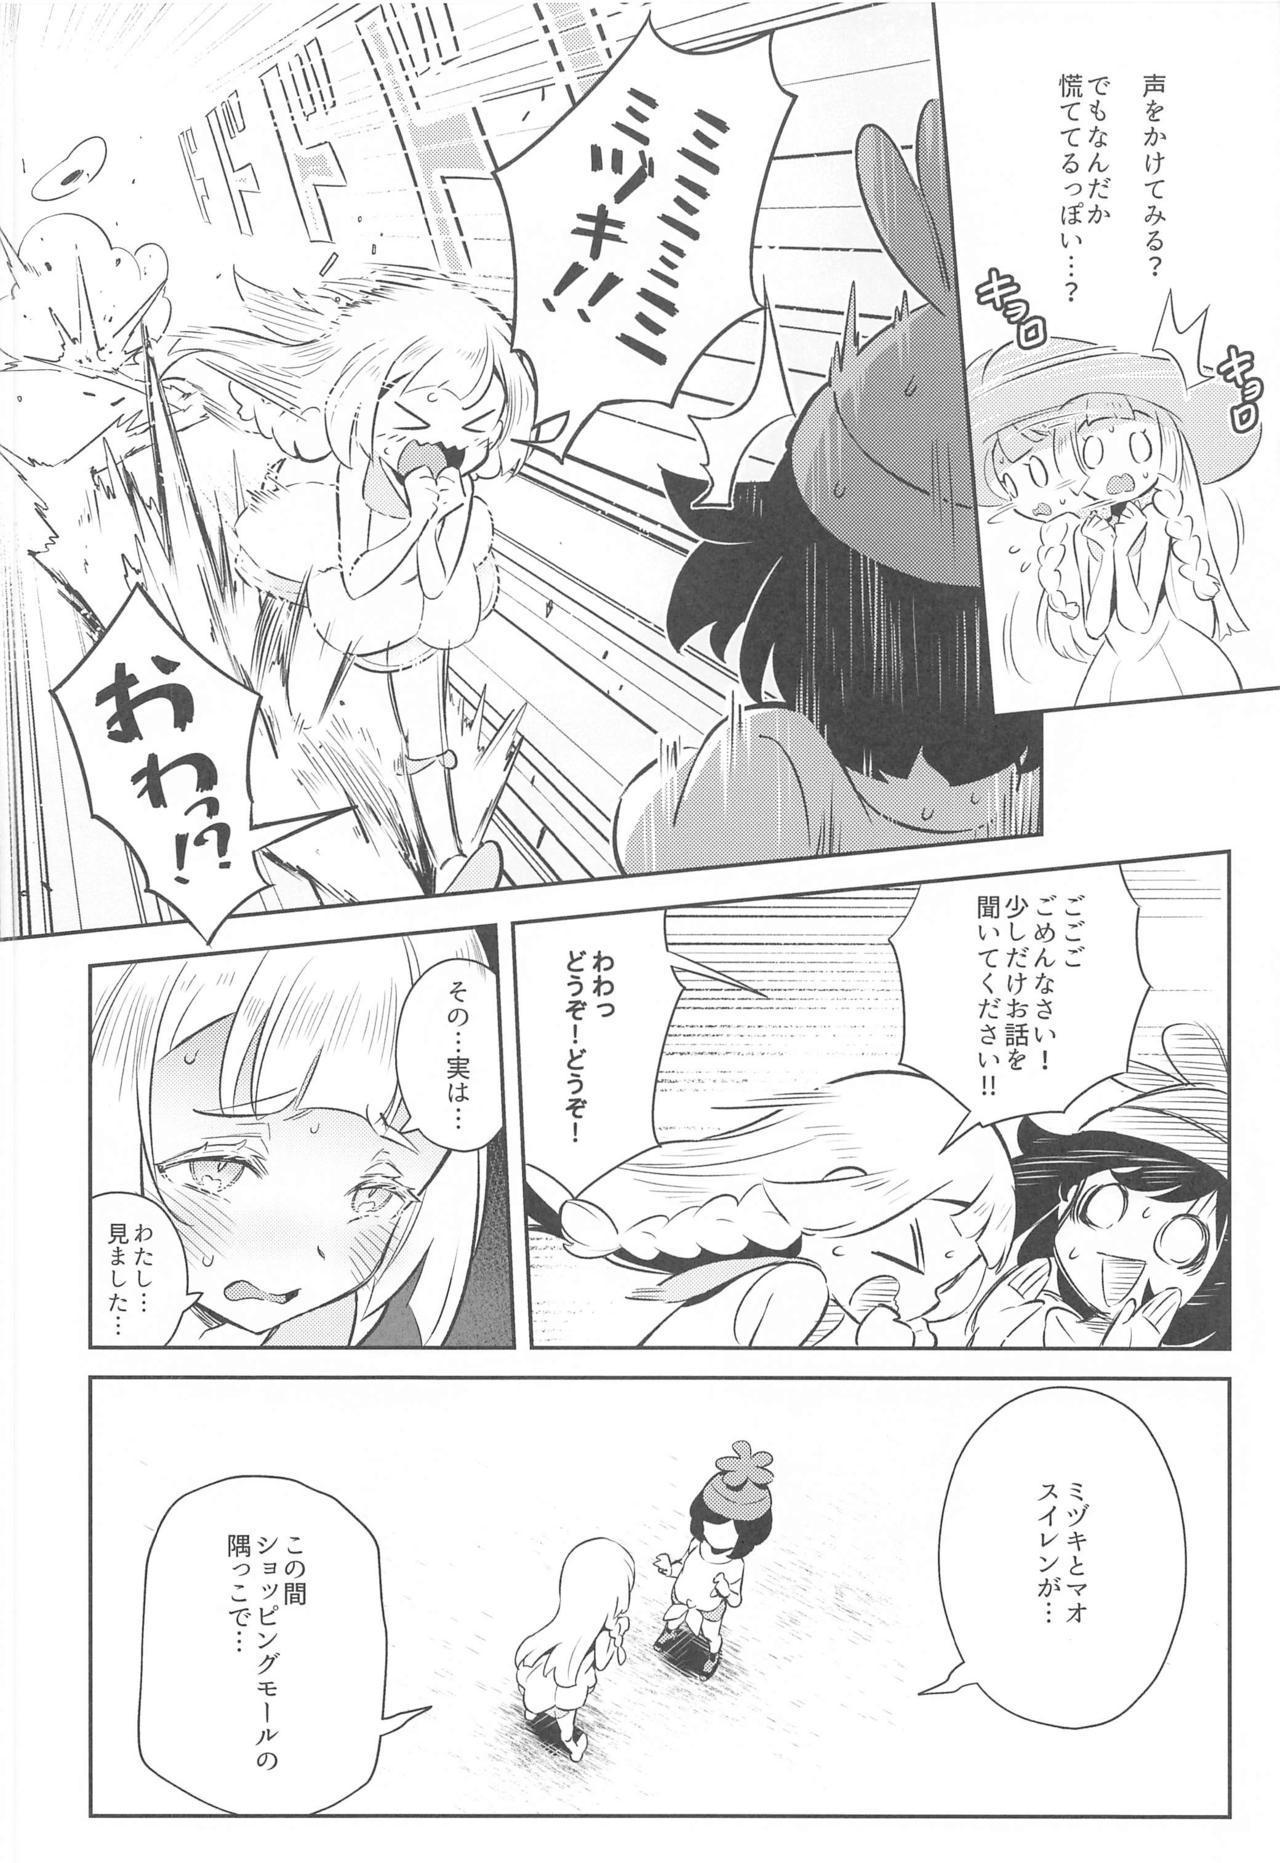 Onnanoko-tachi no Himitsu no Bouken 2 3